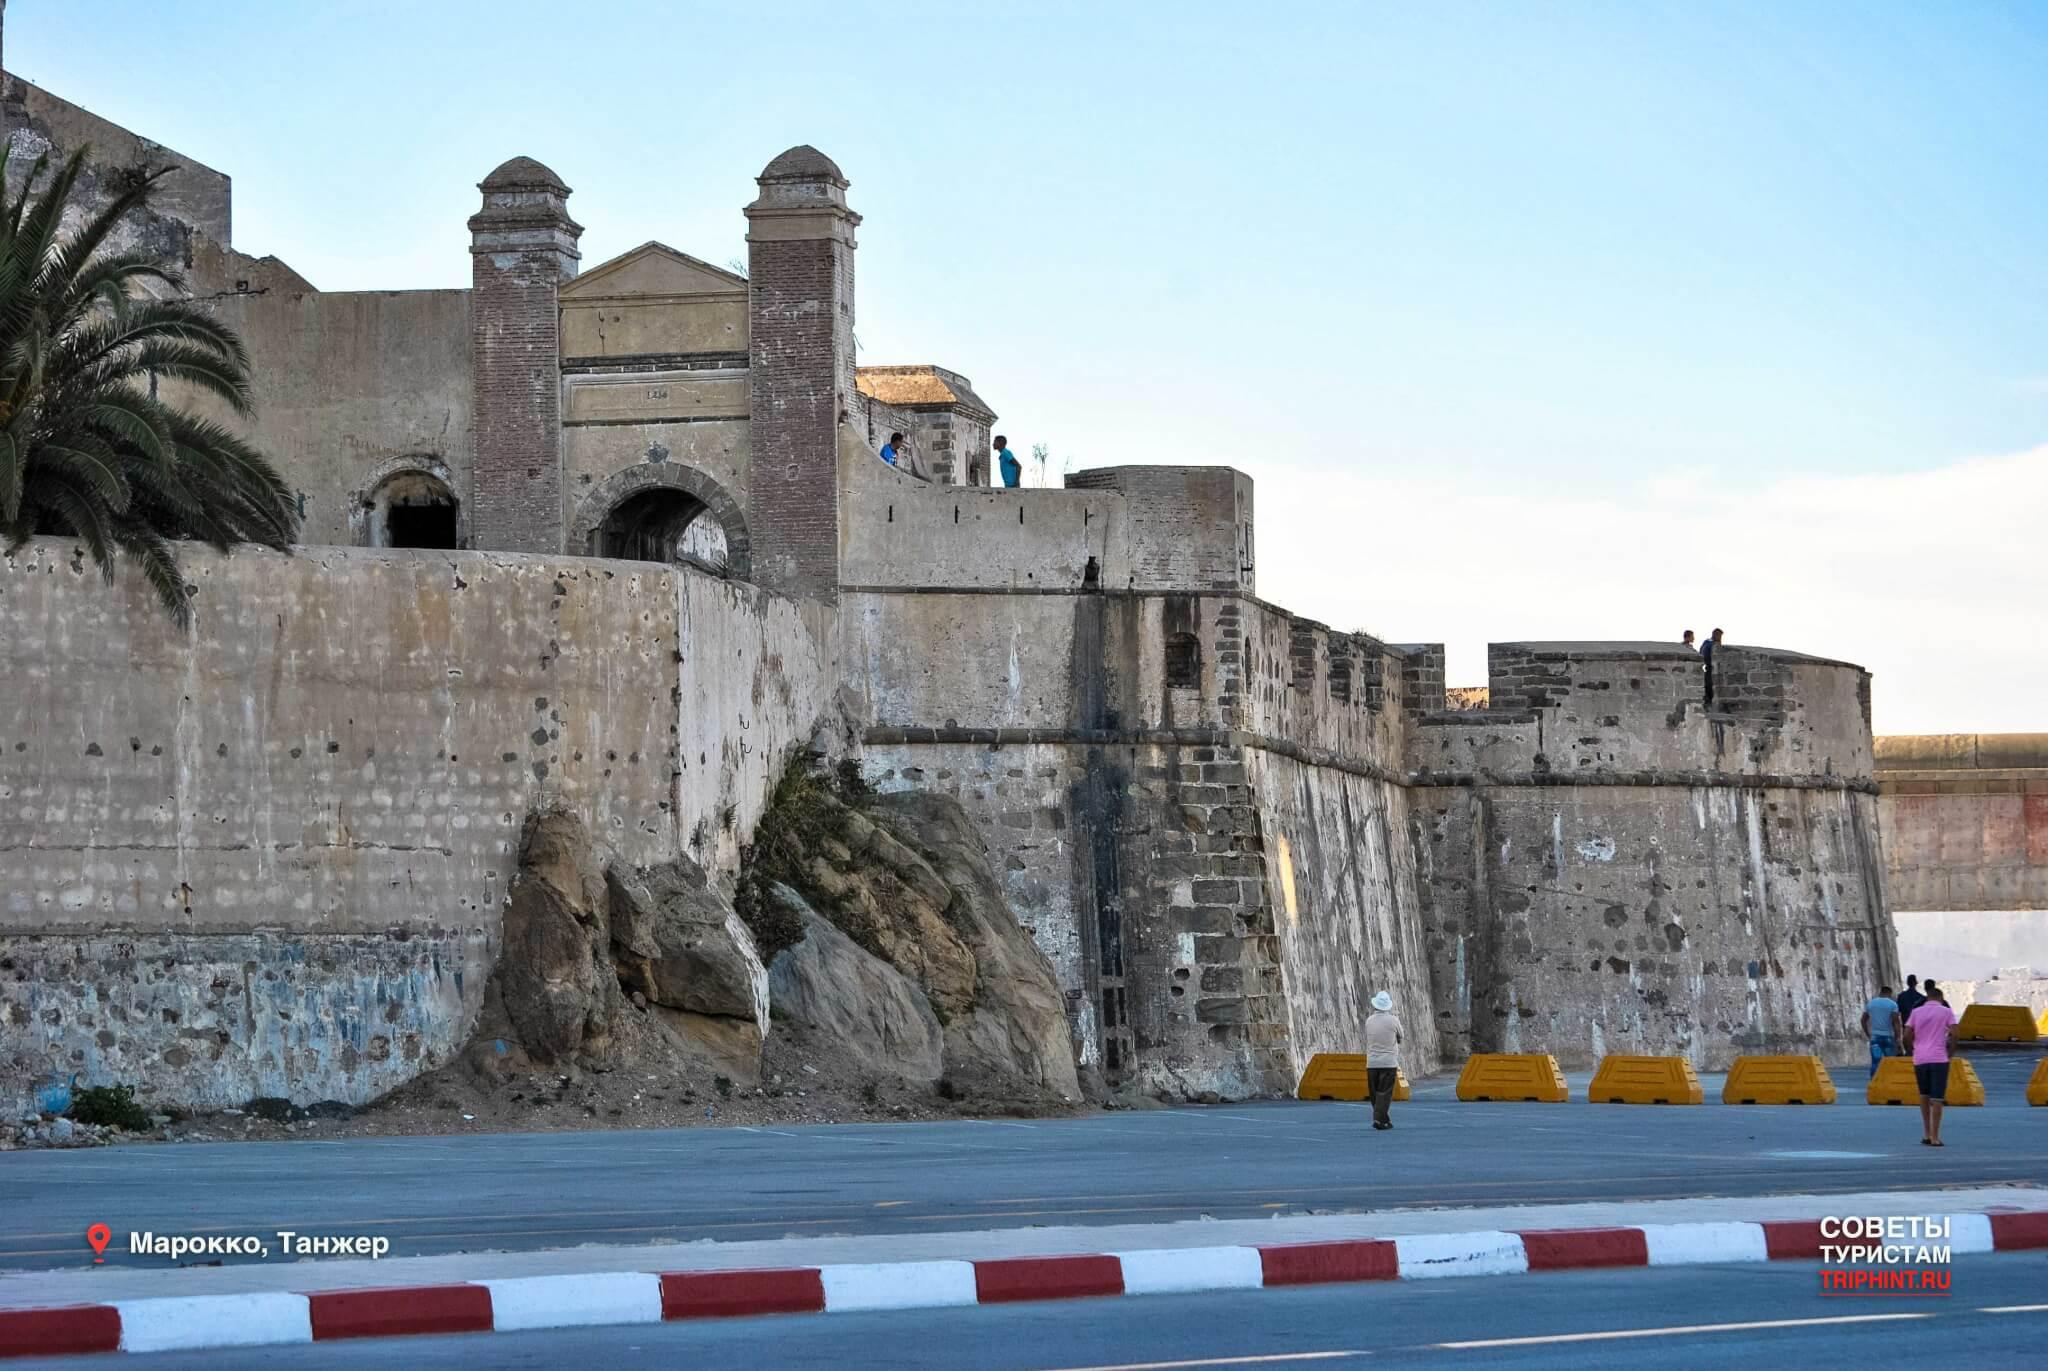 Достопримечательности Марокко, город Танжер